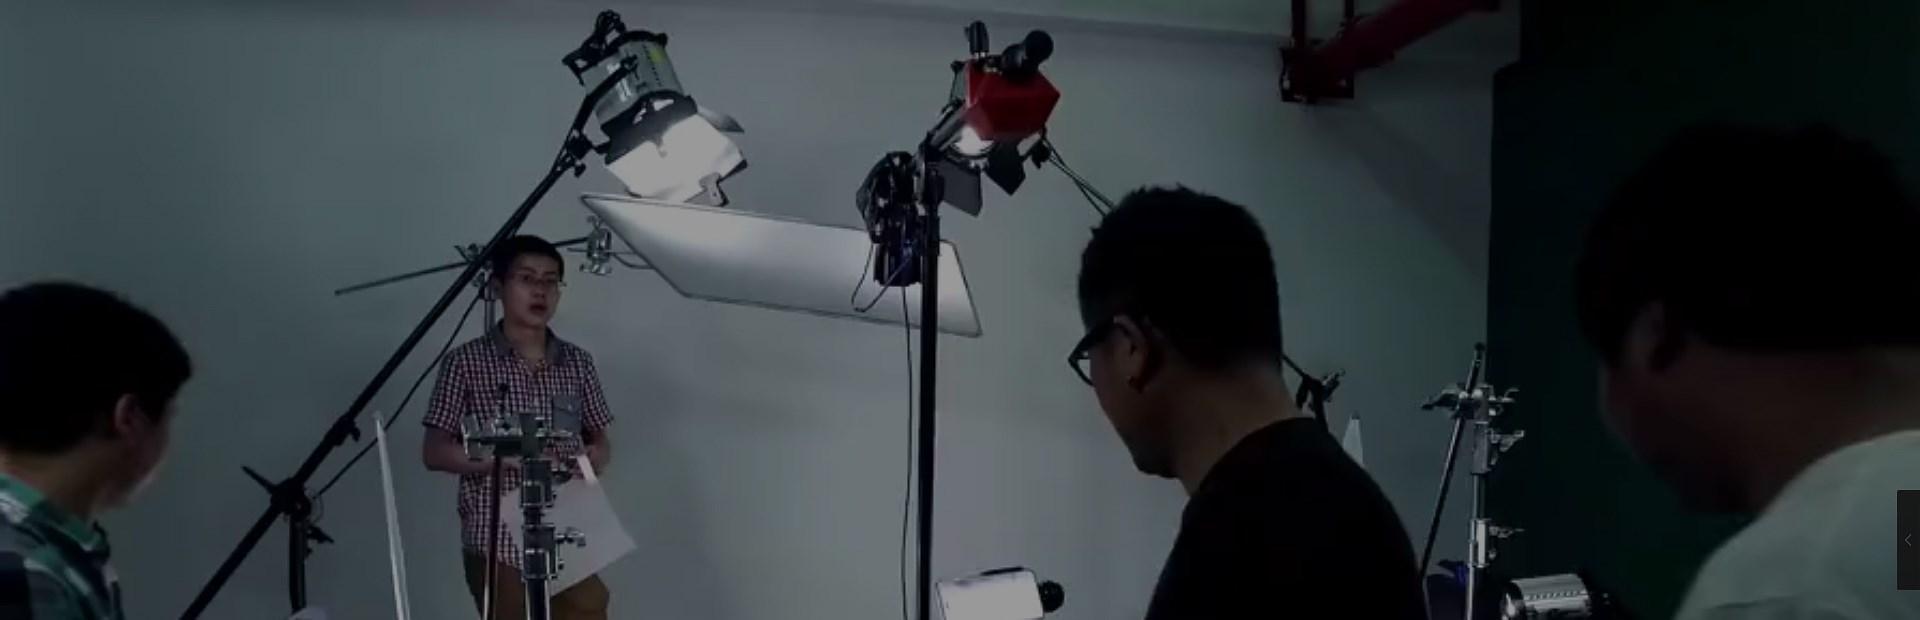 专业电商视频拍摄